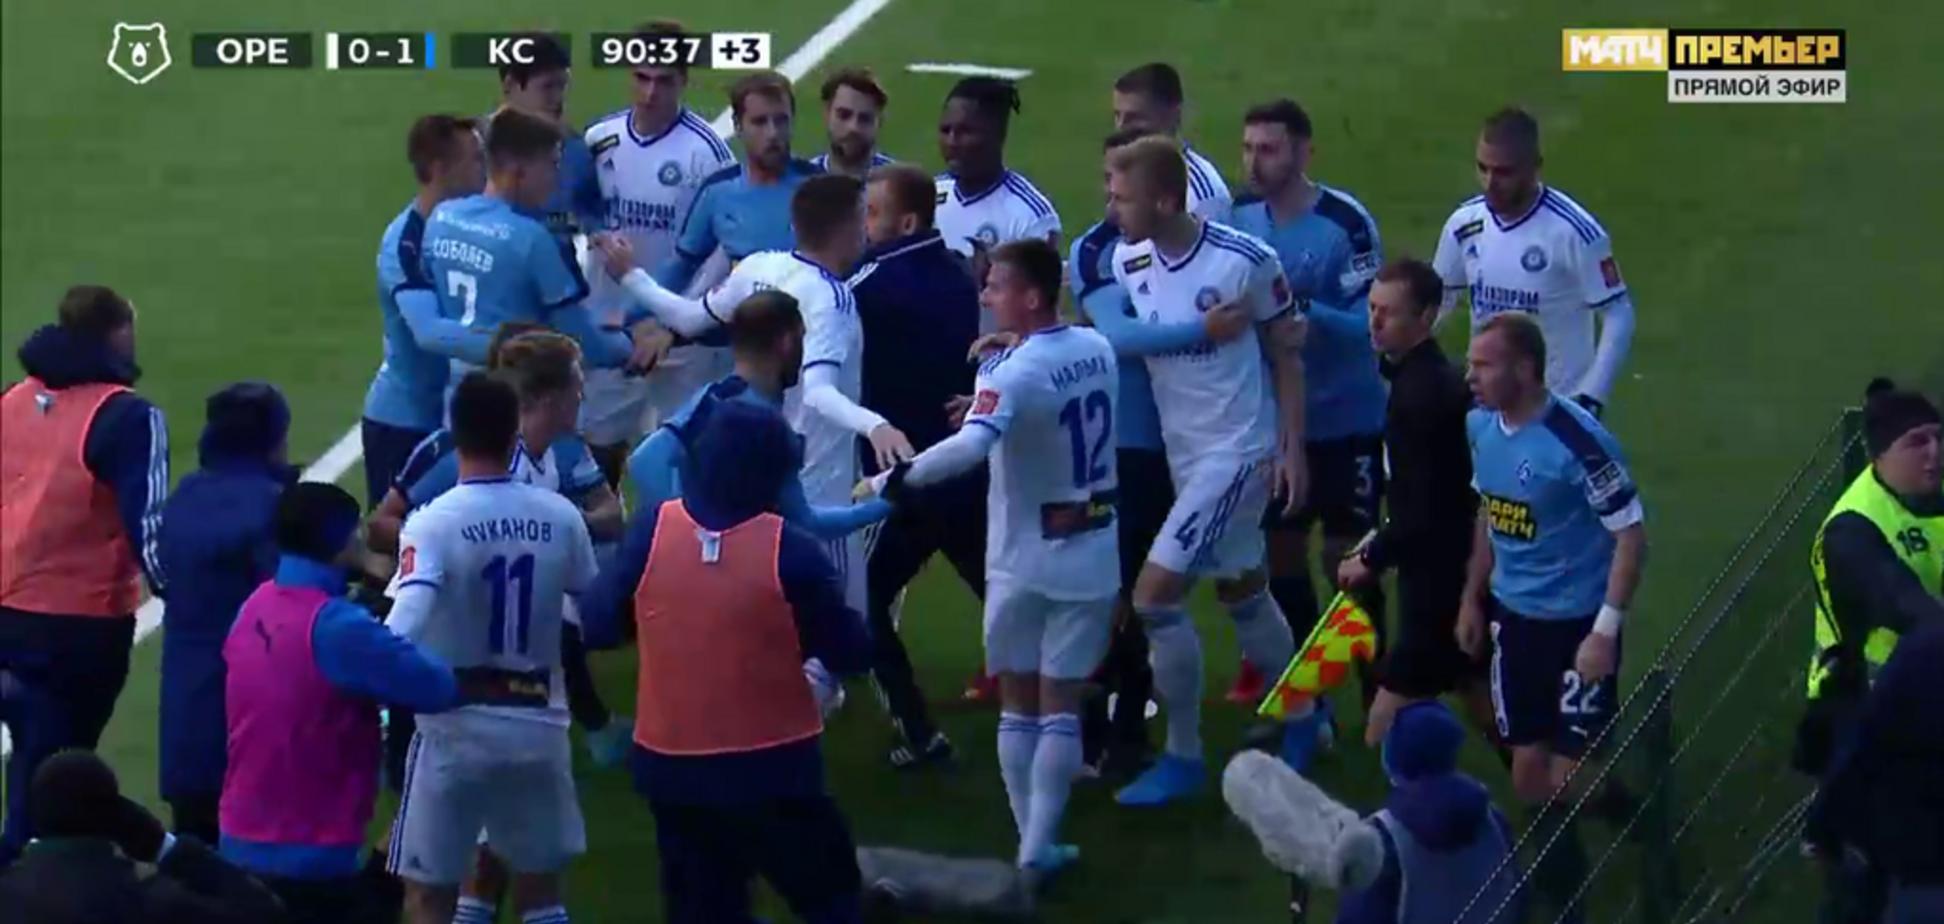 Футболисты в чемпионате России устроили массовую драку